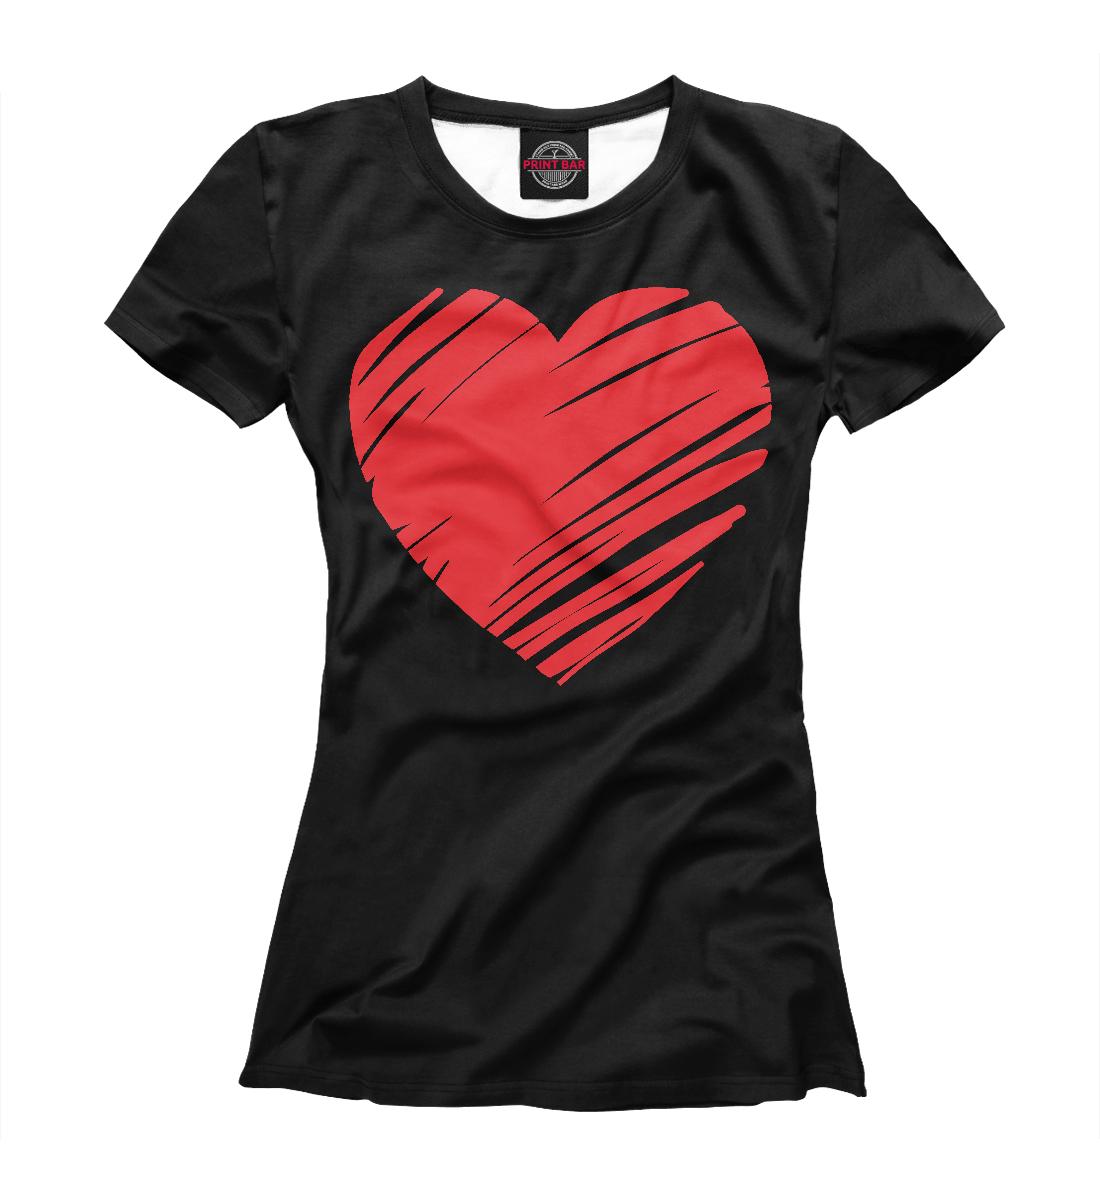 Купить Ленточное сердечко, Printbar, Футболки, 14F-993145-fut-1